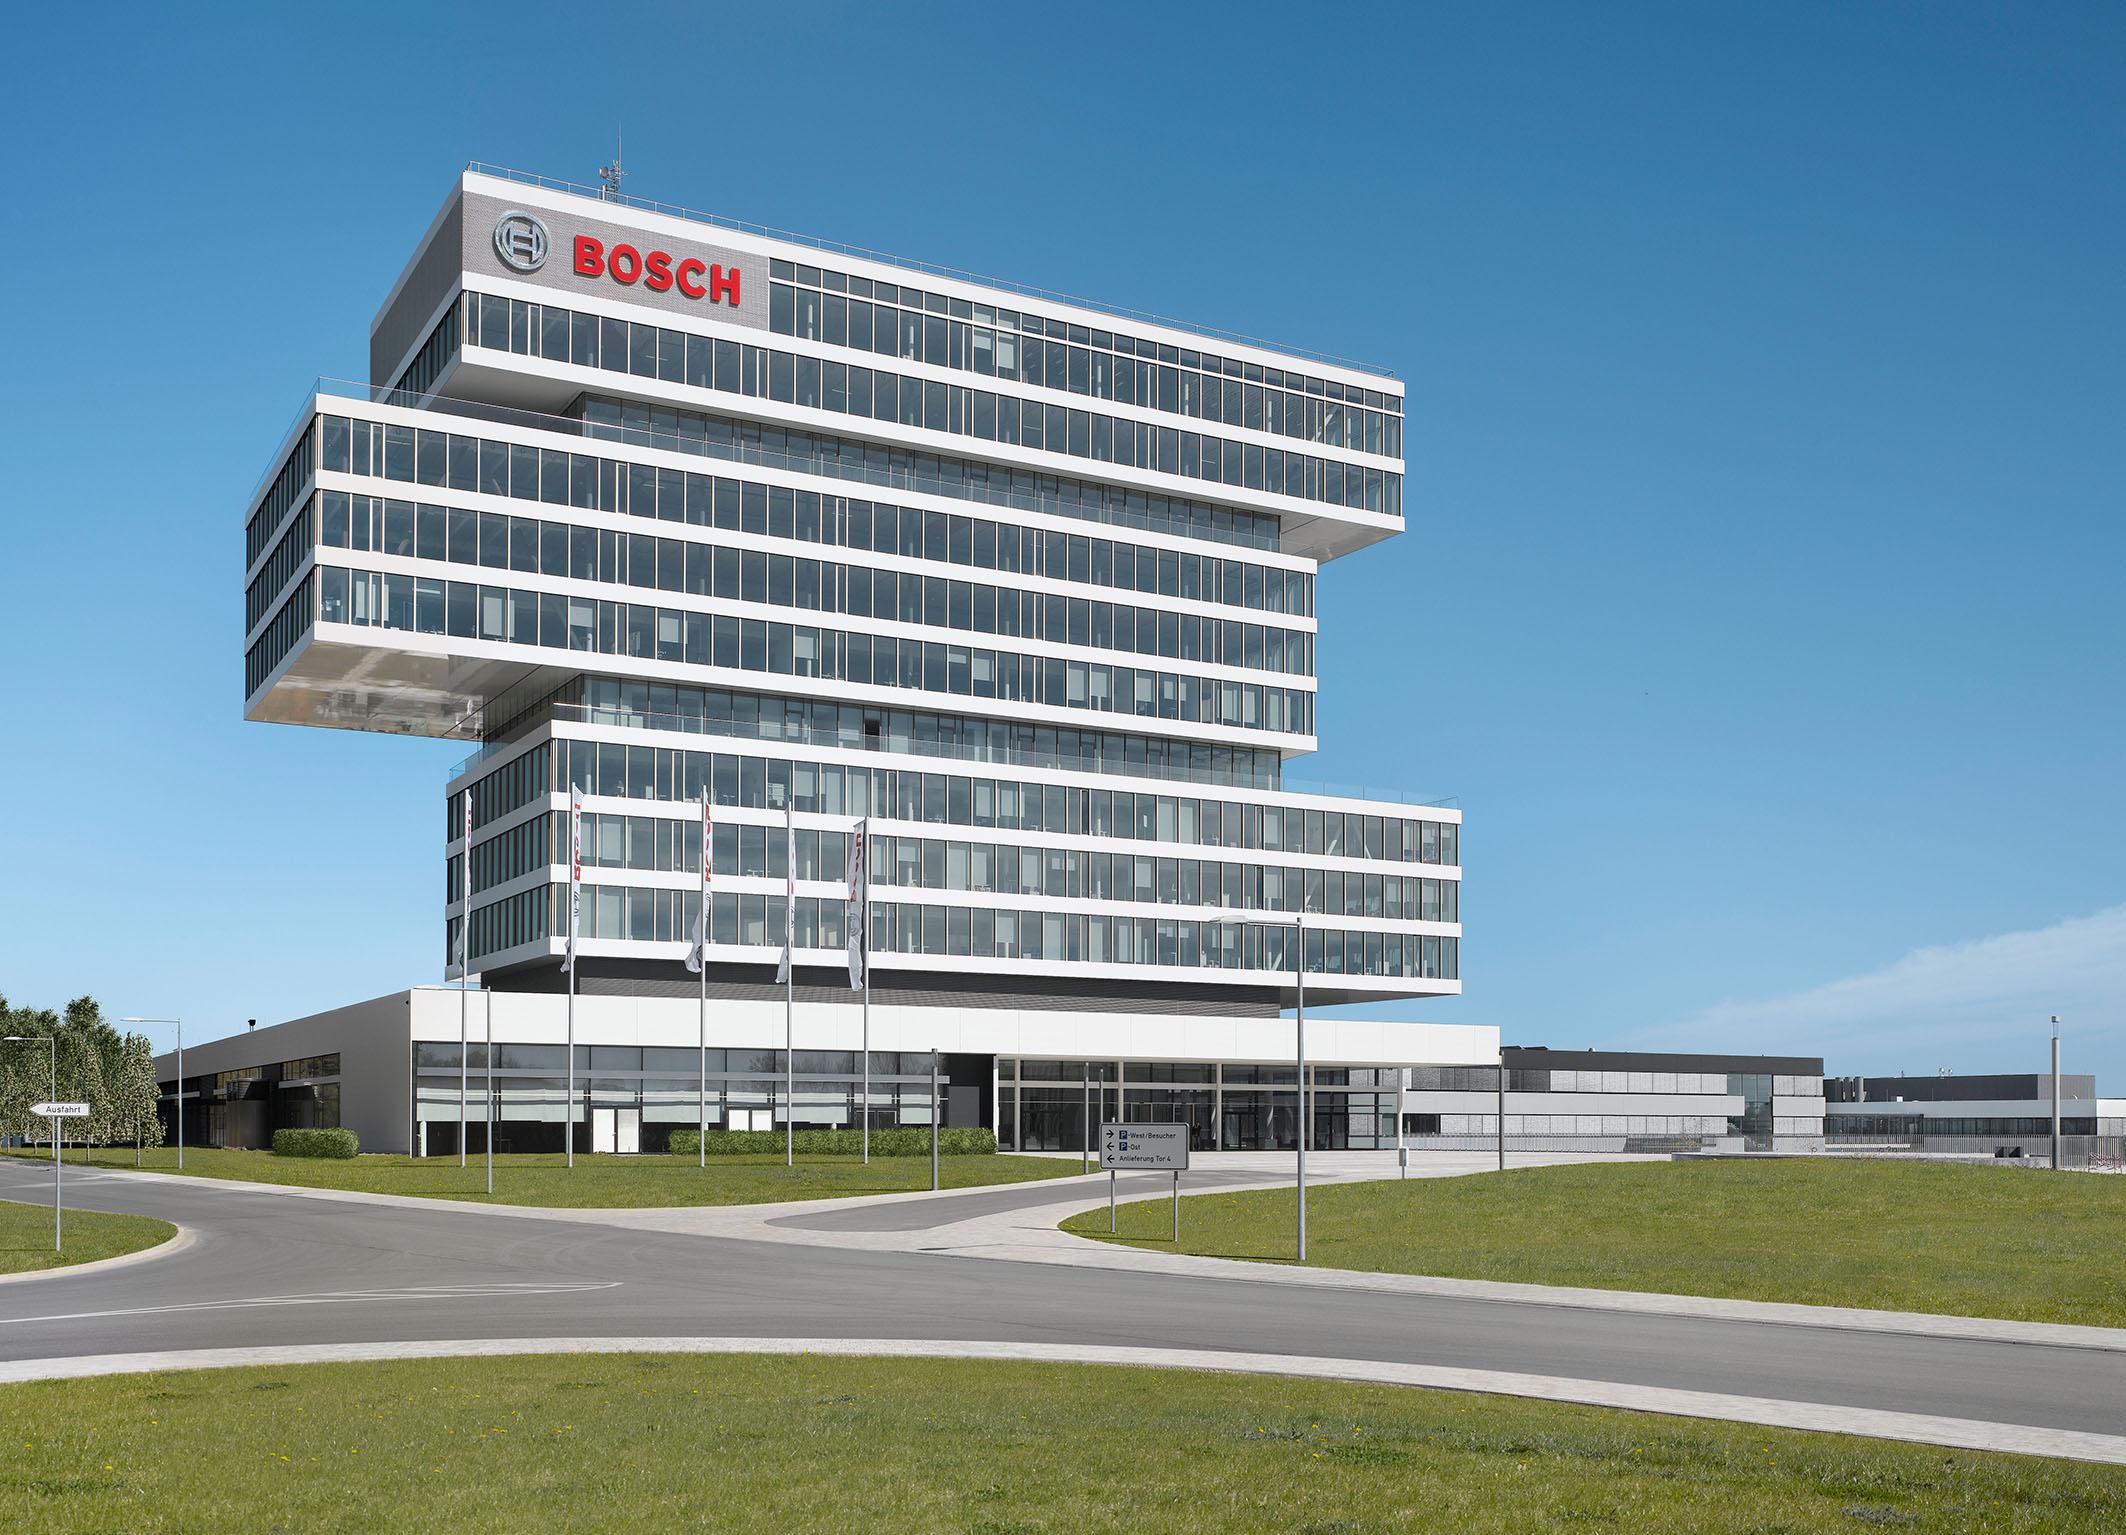 Bosch richiede licenze 5G per le reti locali